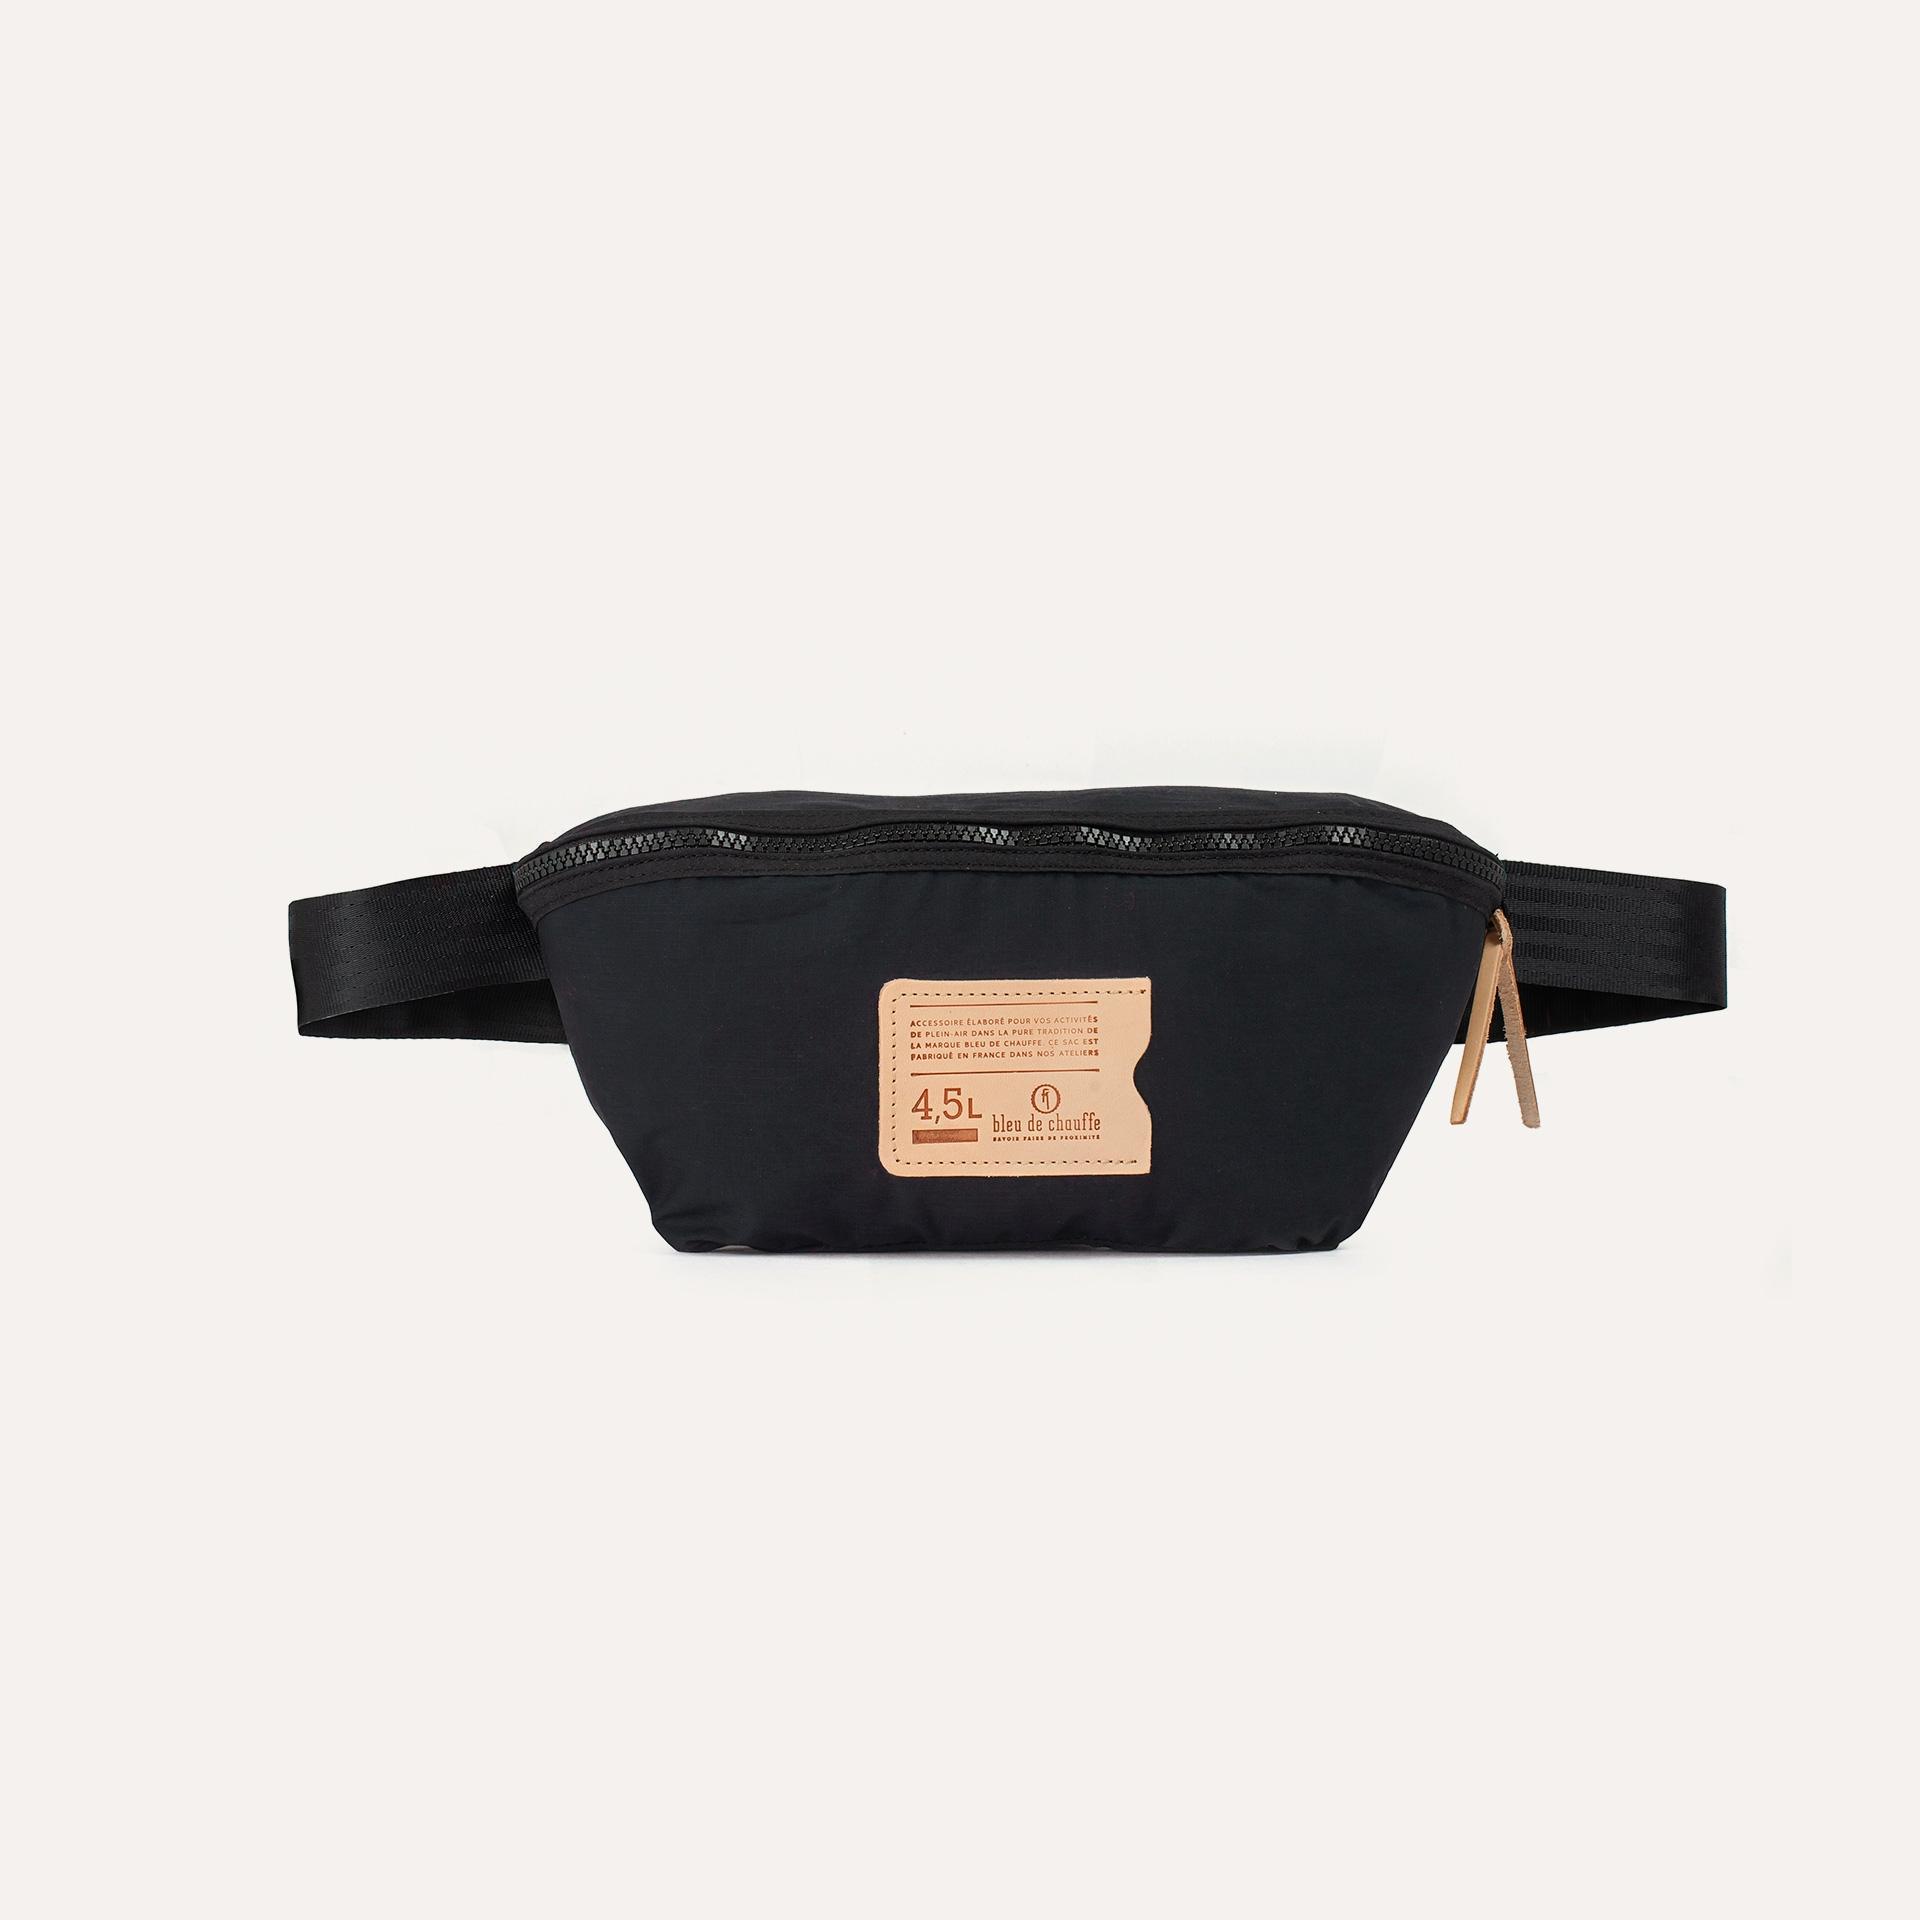 4,5L Beat Belt bag - Black (image n°1)